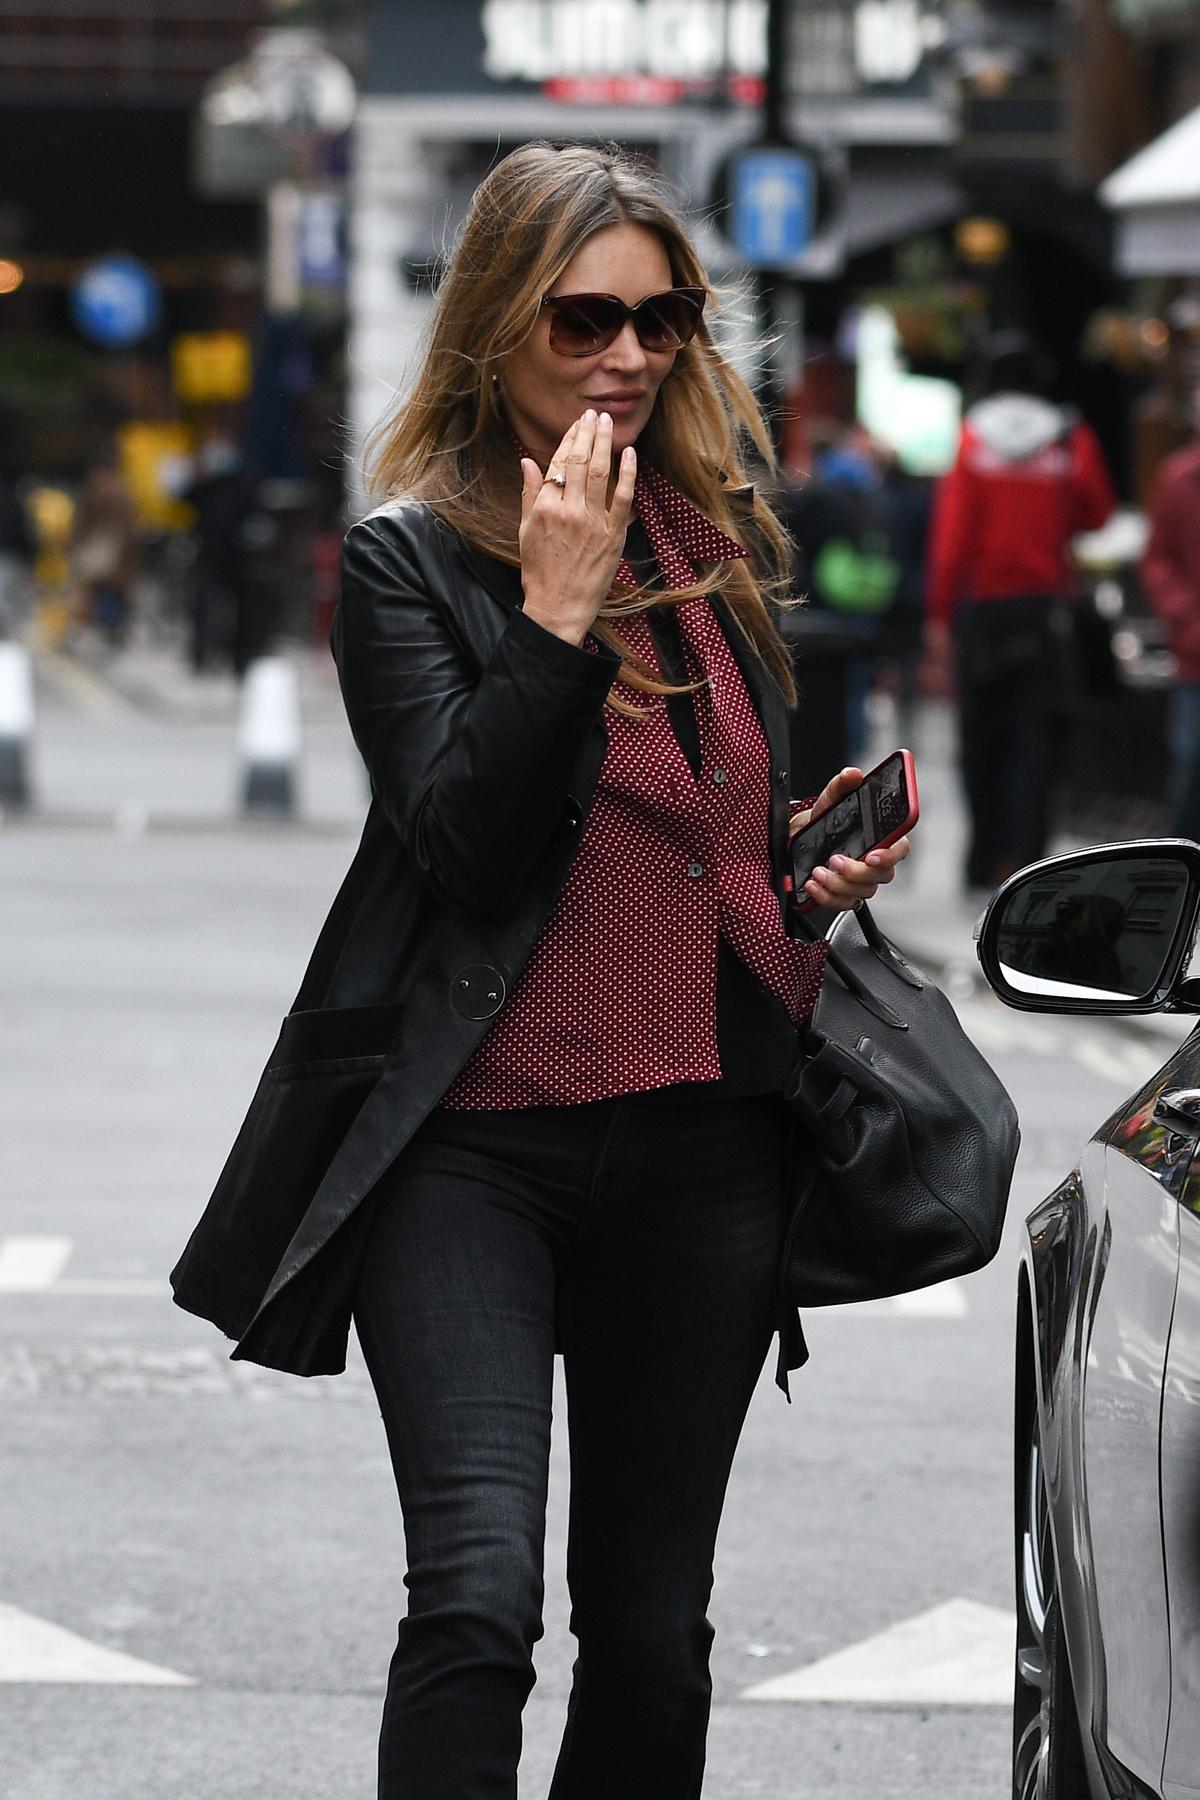 Ezzel a május 20-án készült paparazziképpel búcsúzunk: itt nincs retus, photoshop, legfeljebb napszemüveg - így néz ki most a 47 éves modell.